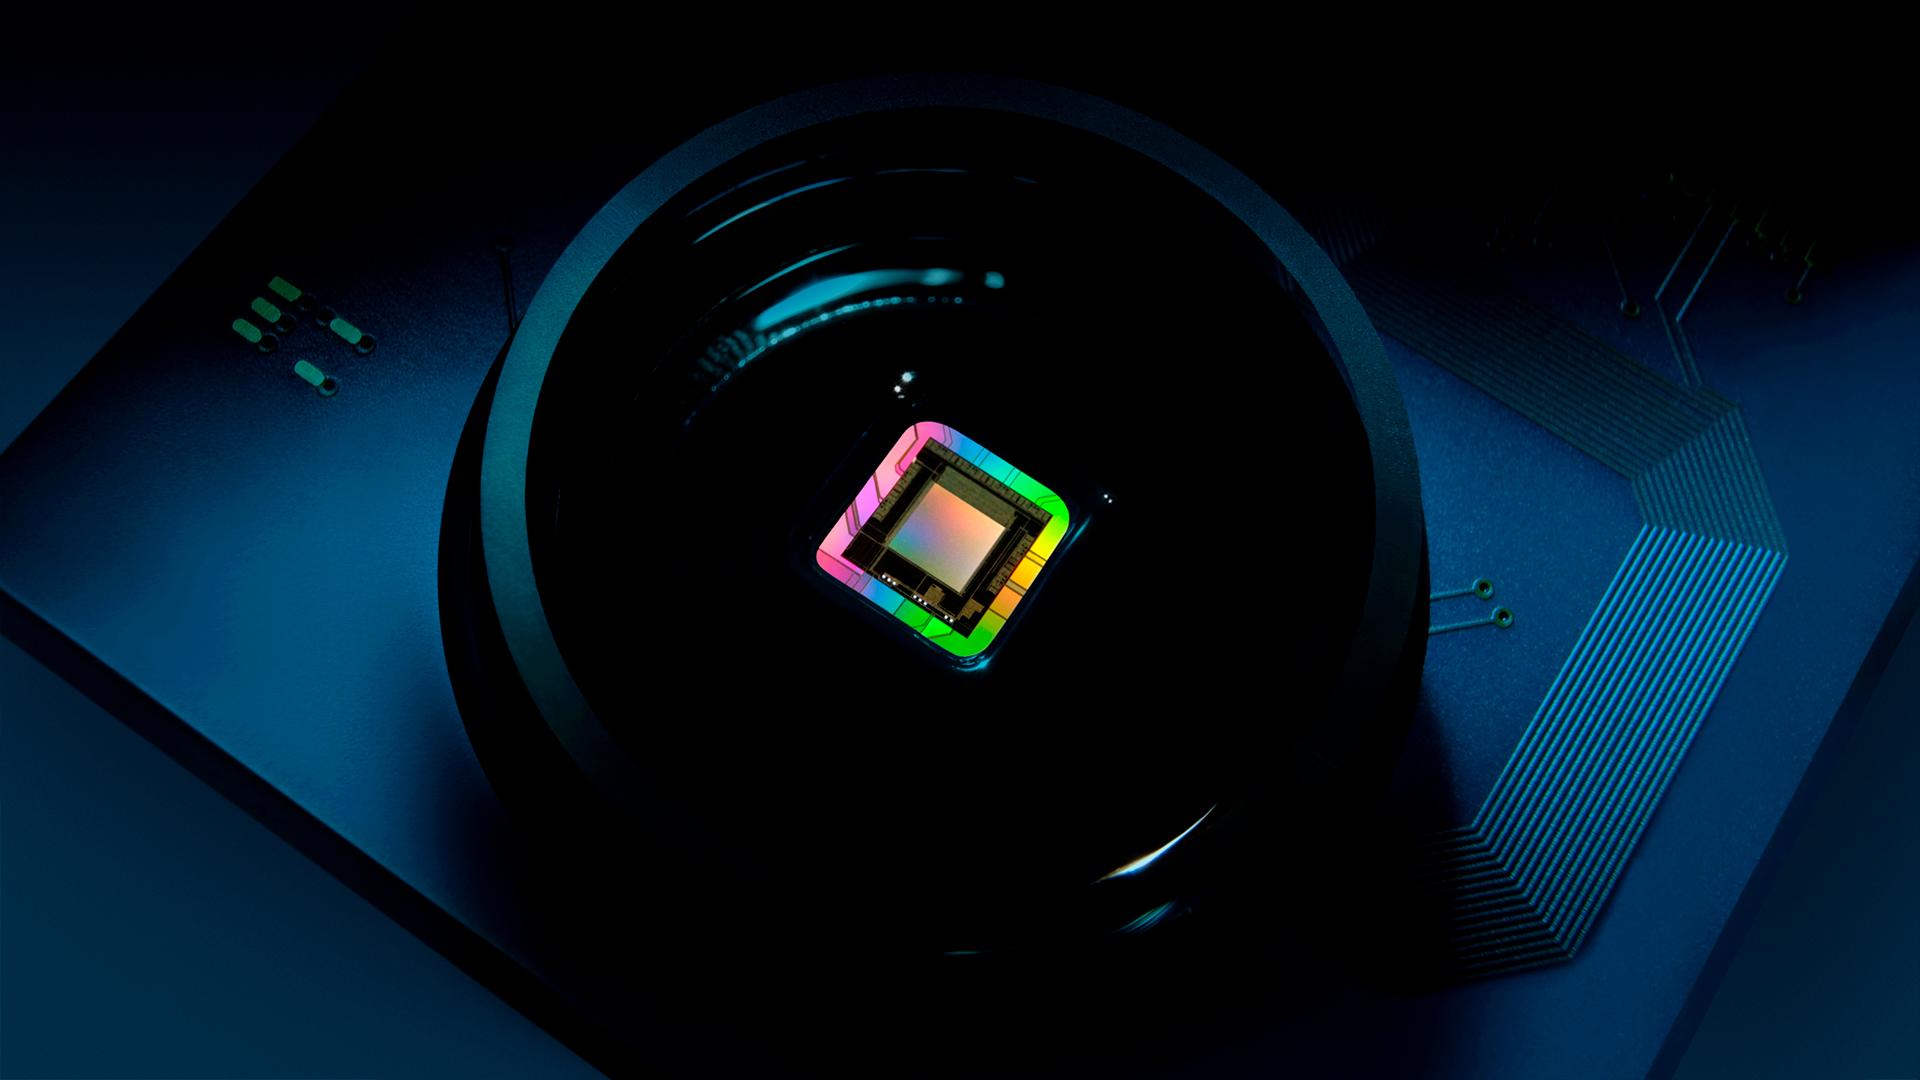 3Brain's HD-MEA technology